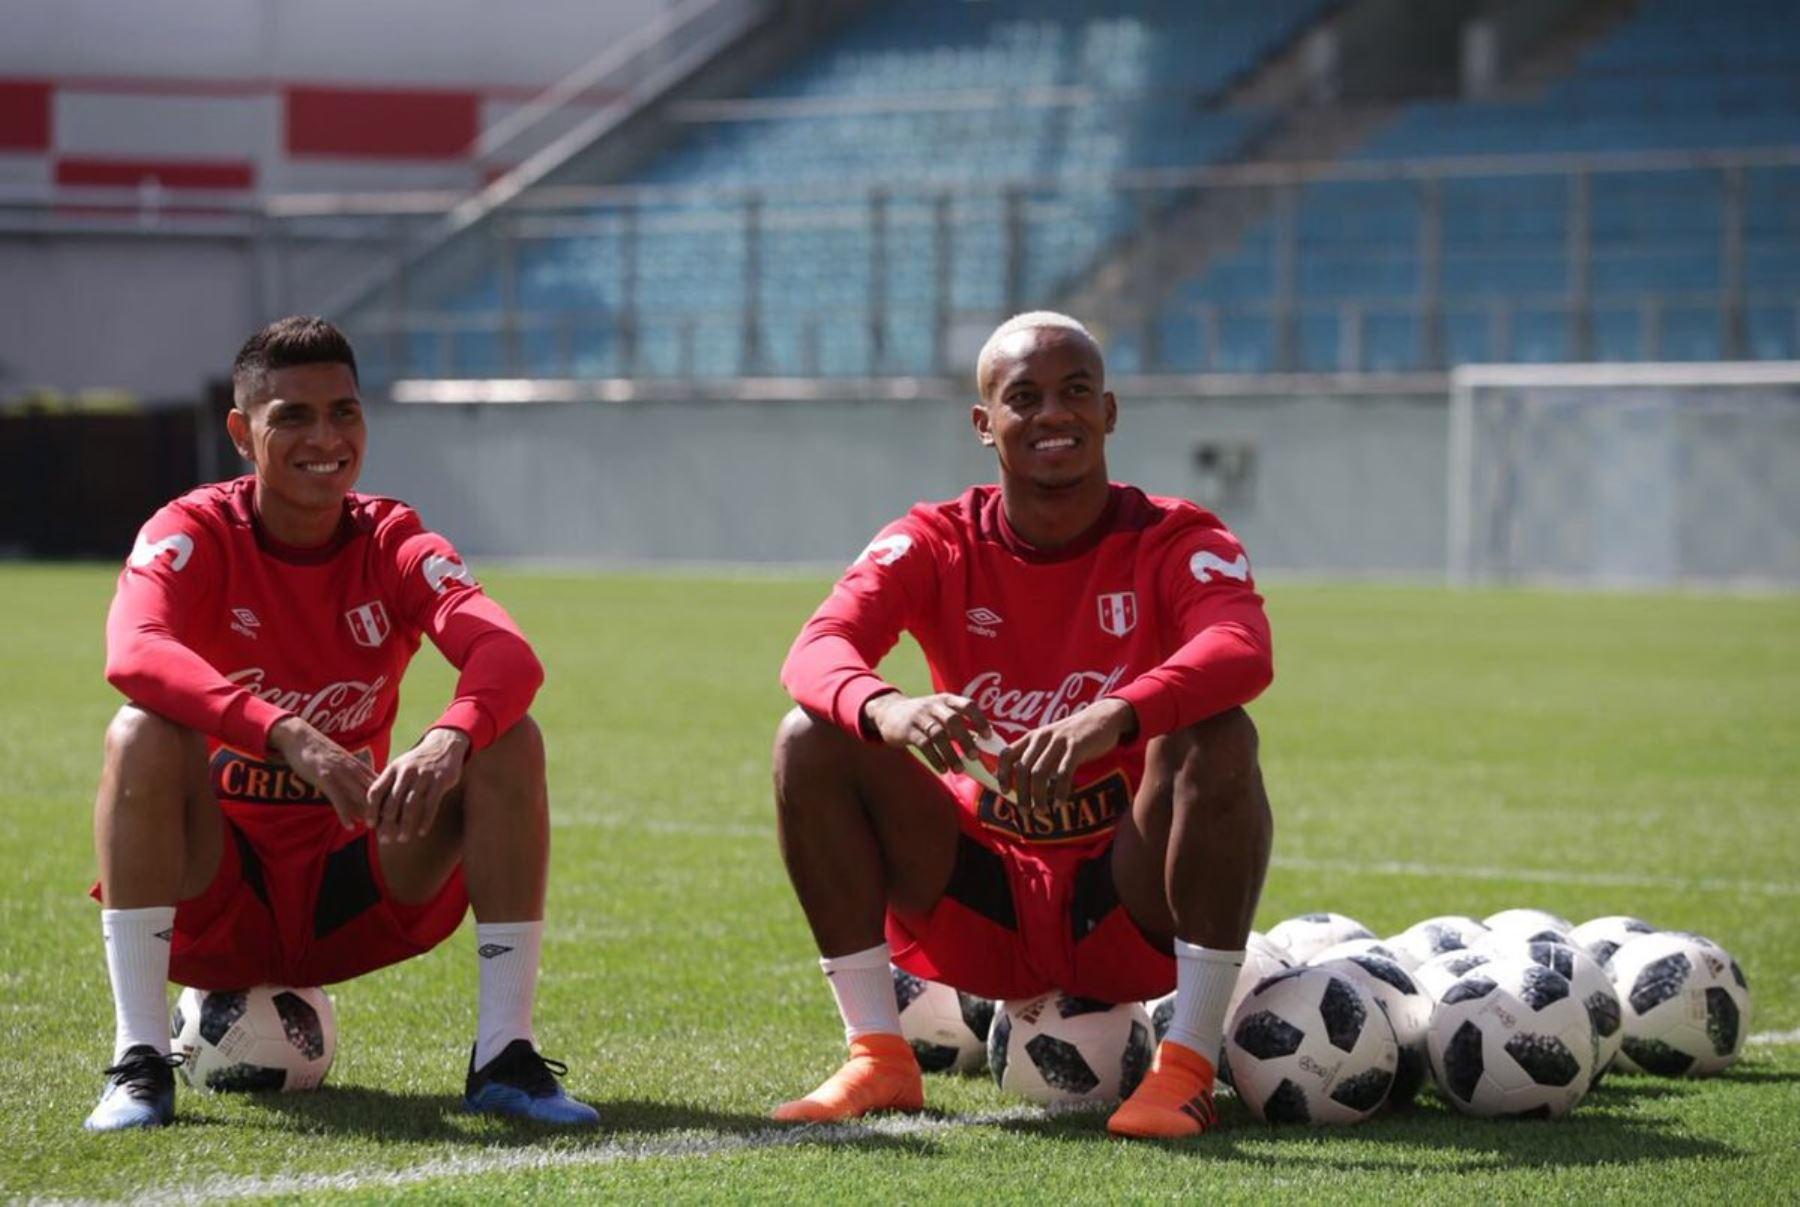 La selección peruana se pone a punto para el debut del sábado 16. André Carrillo y Paolo Hurtado esperan su oportunidad.